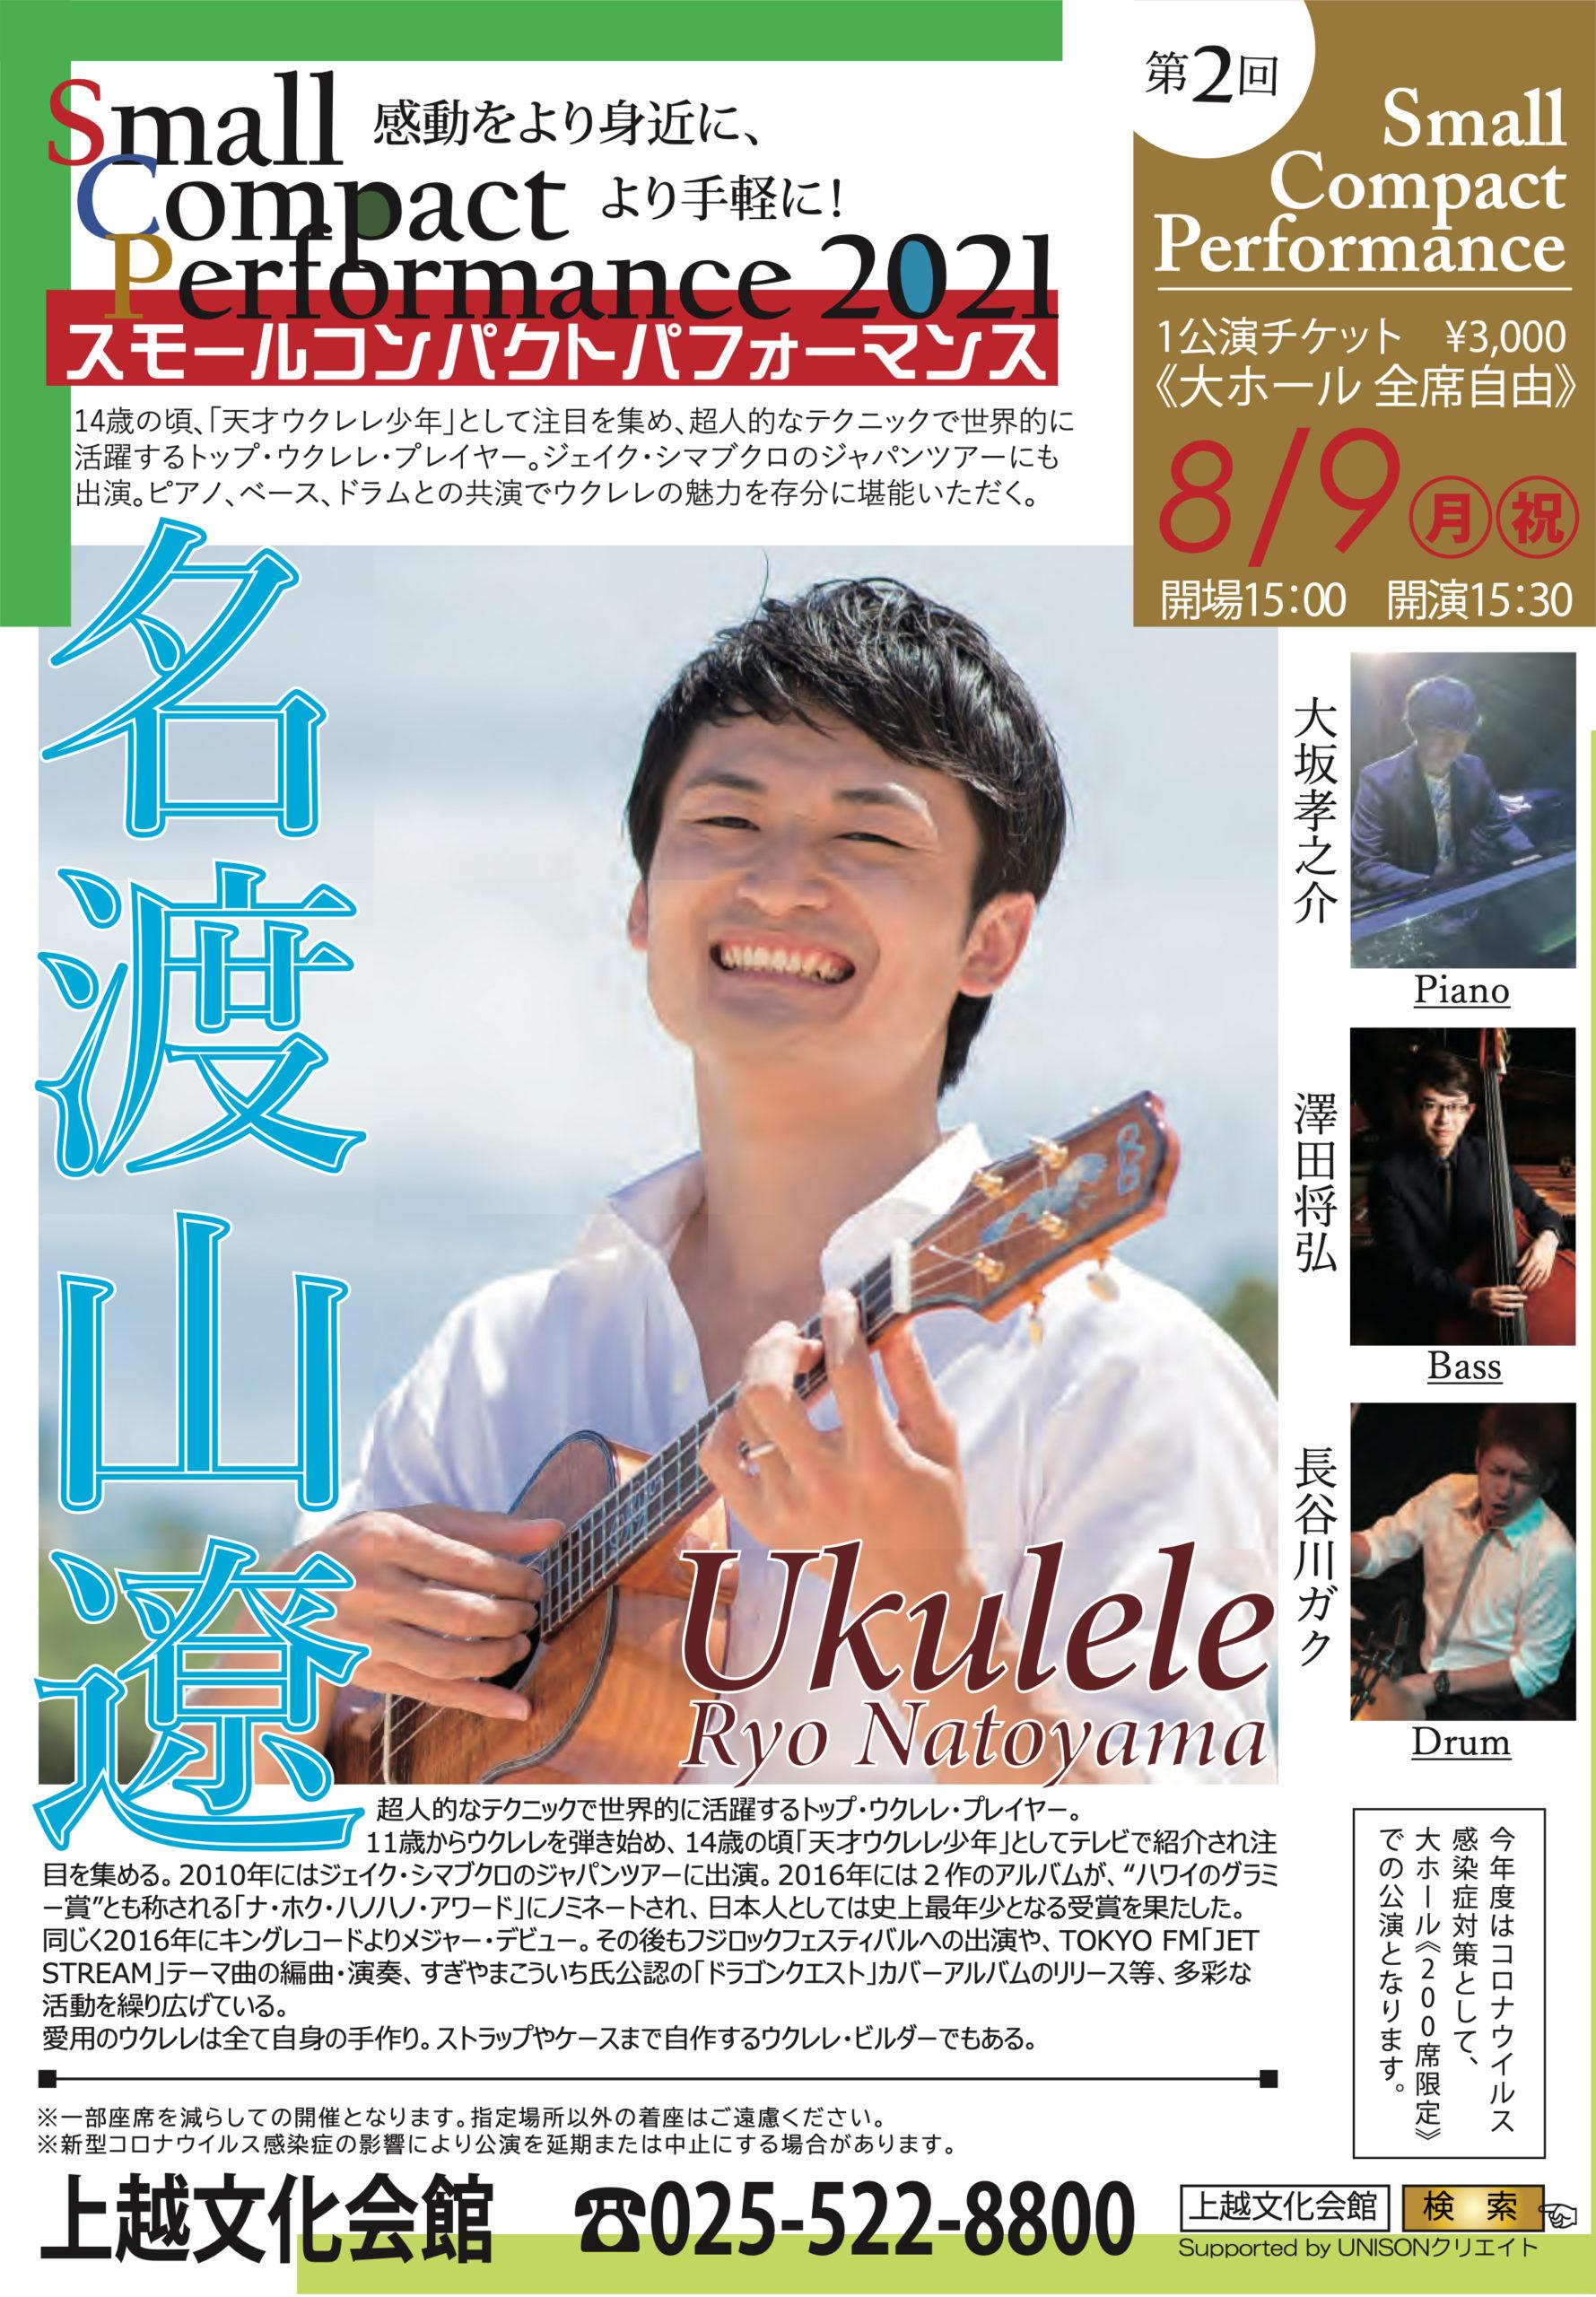 新潟県 上越文化会館でのライブが決定!